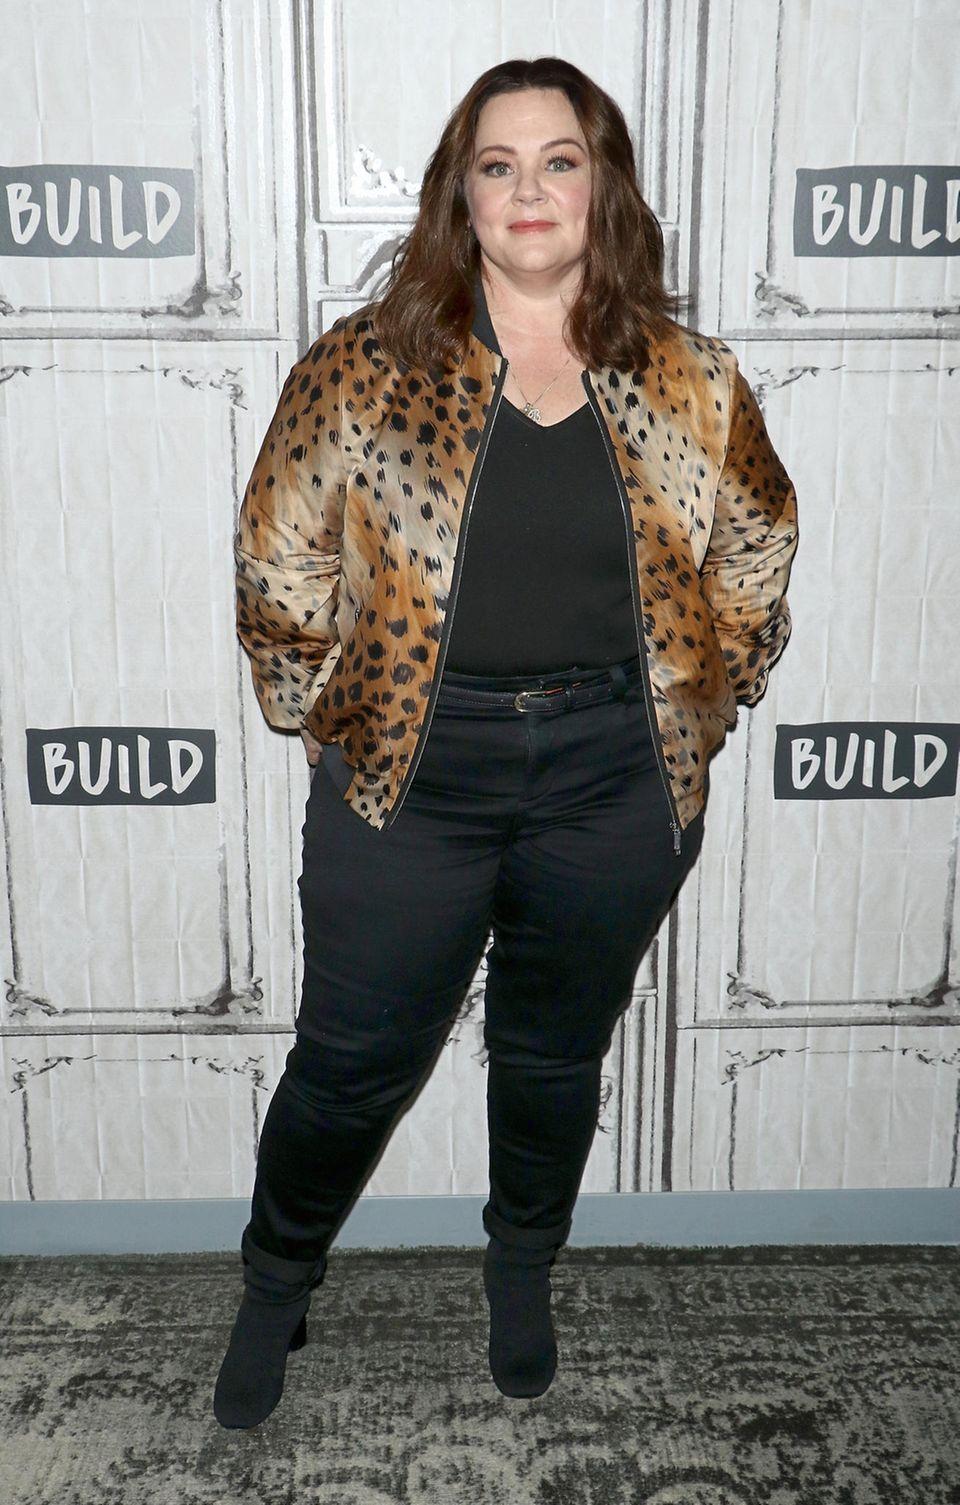 IneinemschwarzenT-Shirt, das sie in ihre enge und ebenfalls schwarze Jeans gesteckt hat, posiert Melissa McCarthy im Oktober 2018 bei einer Veranstaltung in New York. Selbstbewusst präsentiert sie sich und ihren schlankeren Body – inklusive einem neuen Körpergefühl!